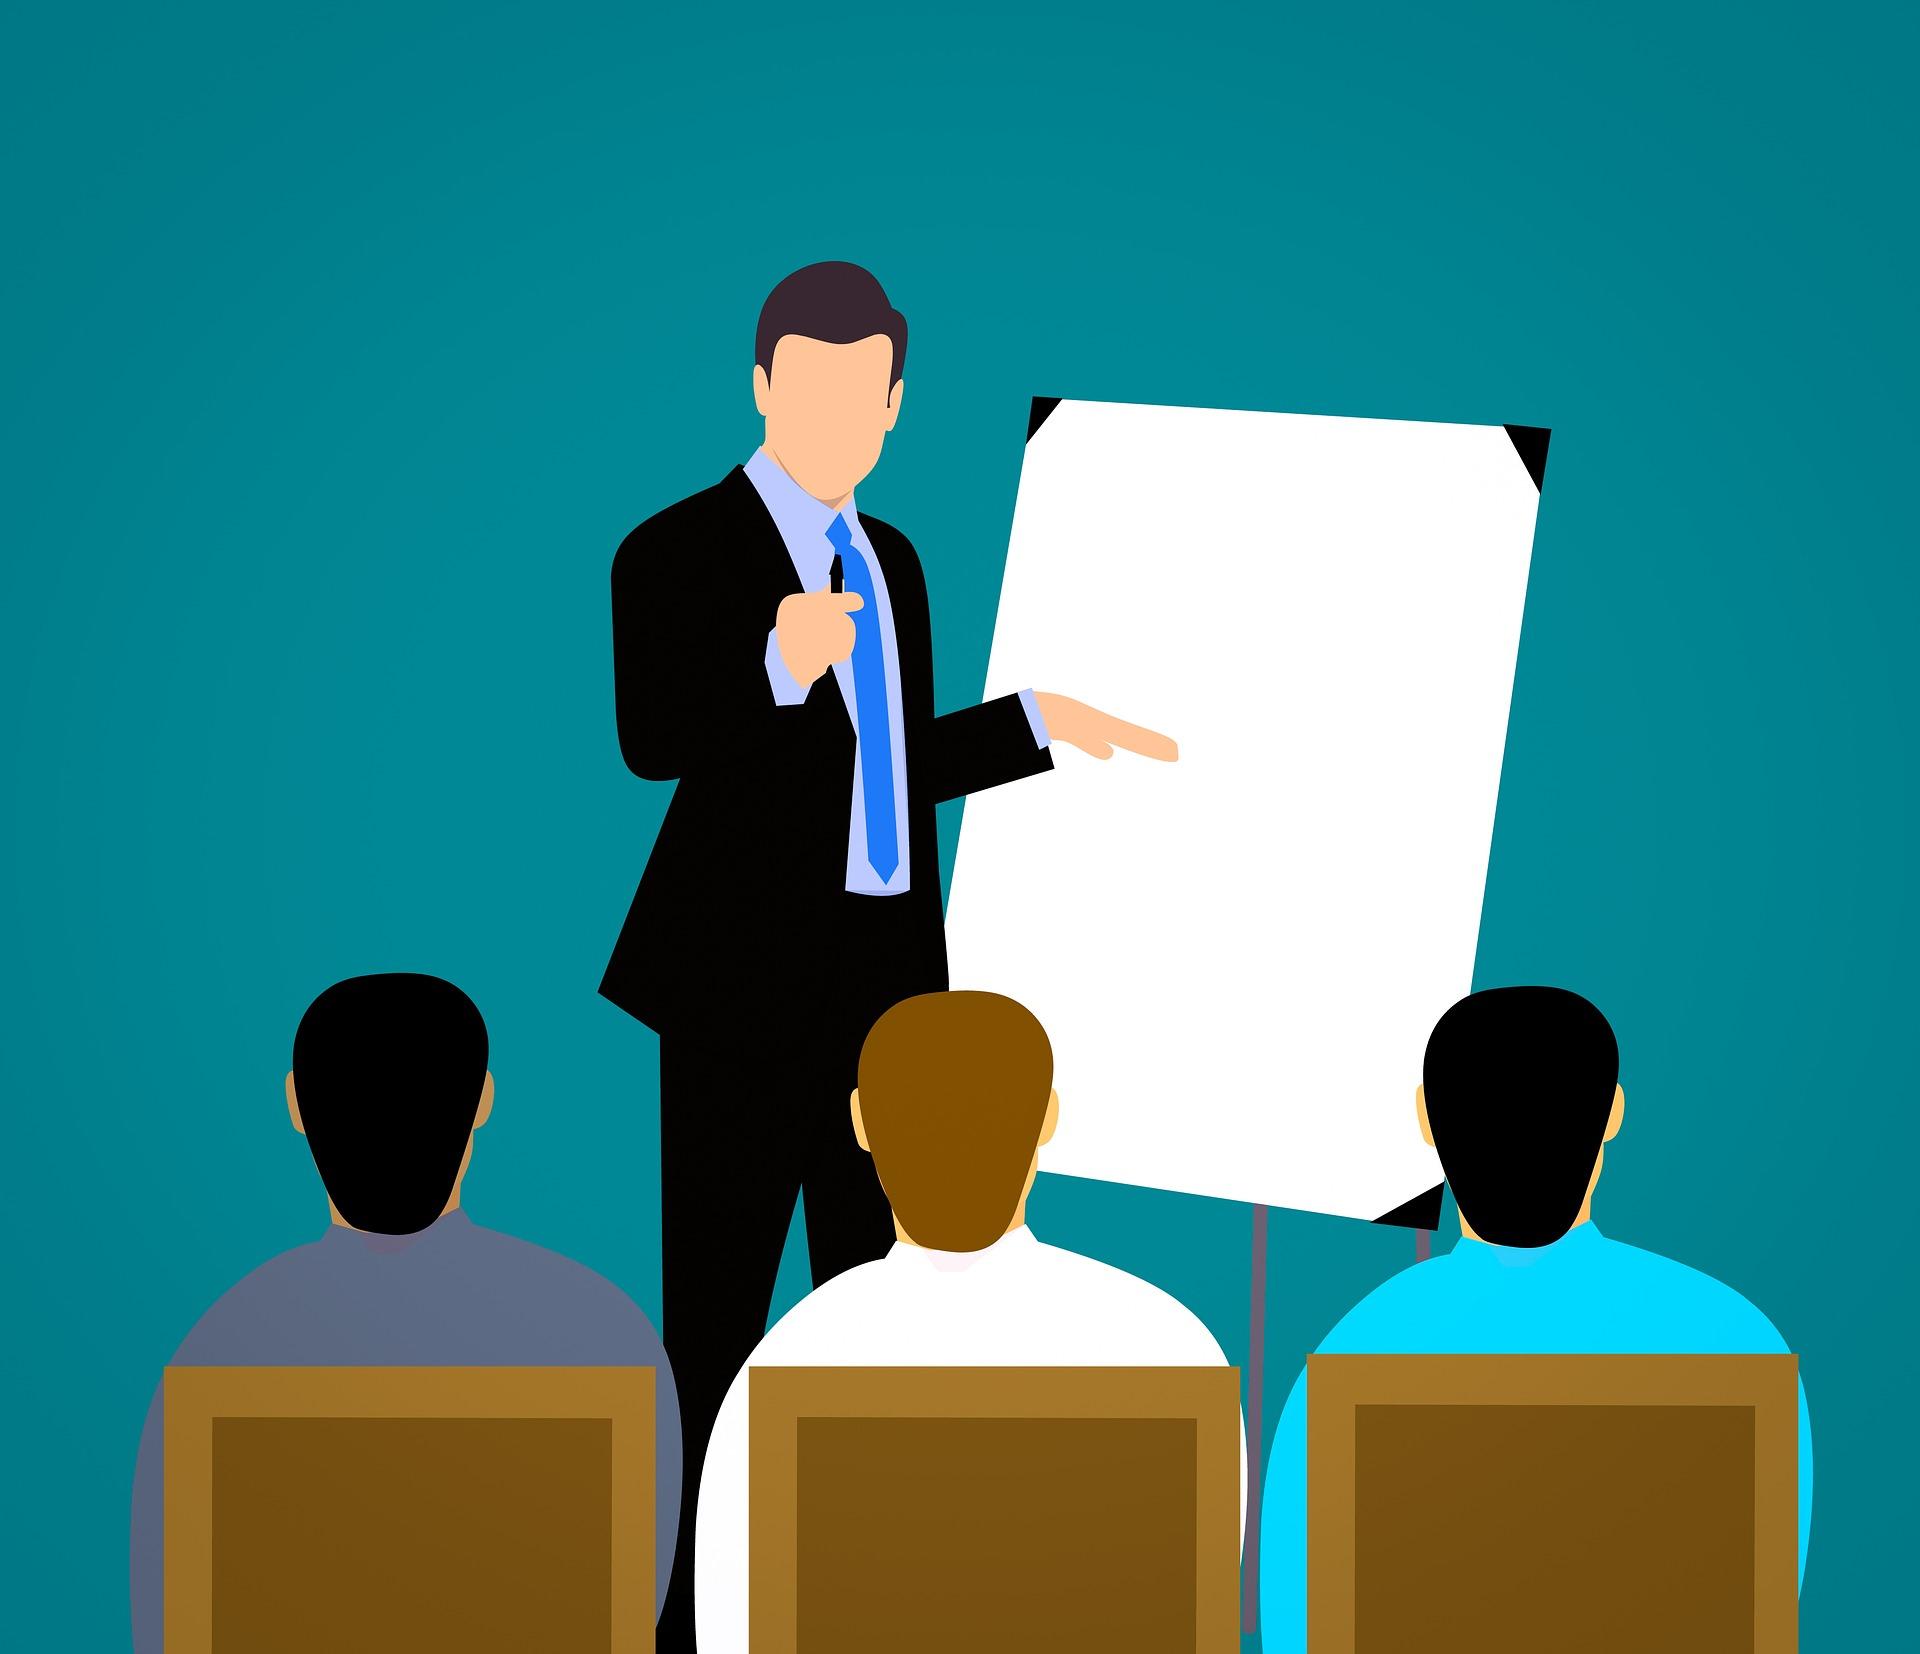 Image depicting employee training.